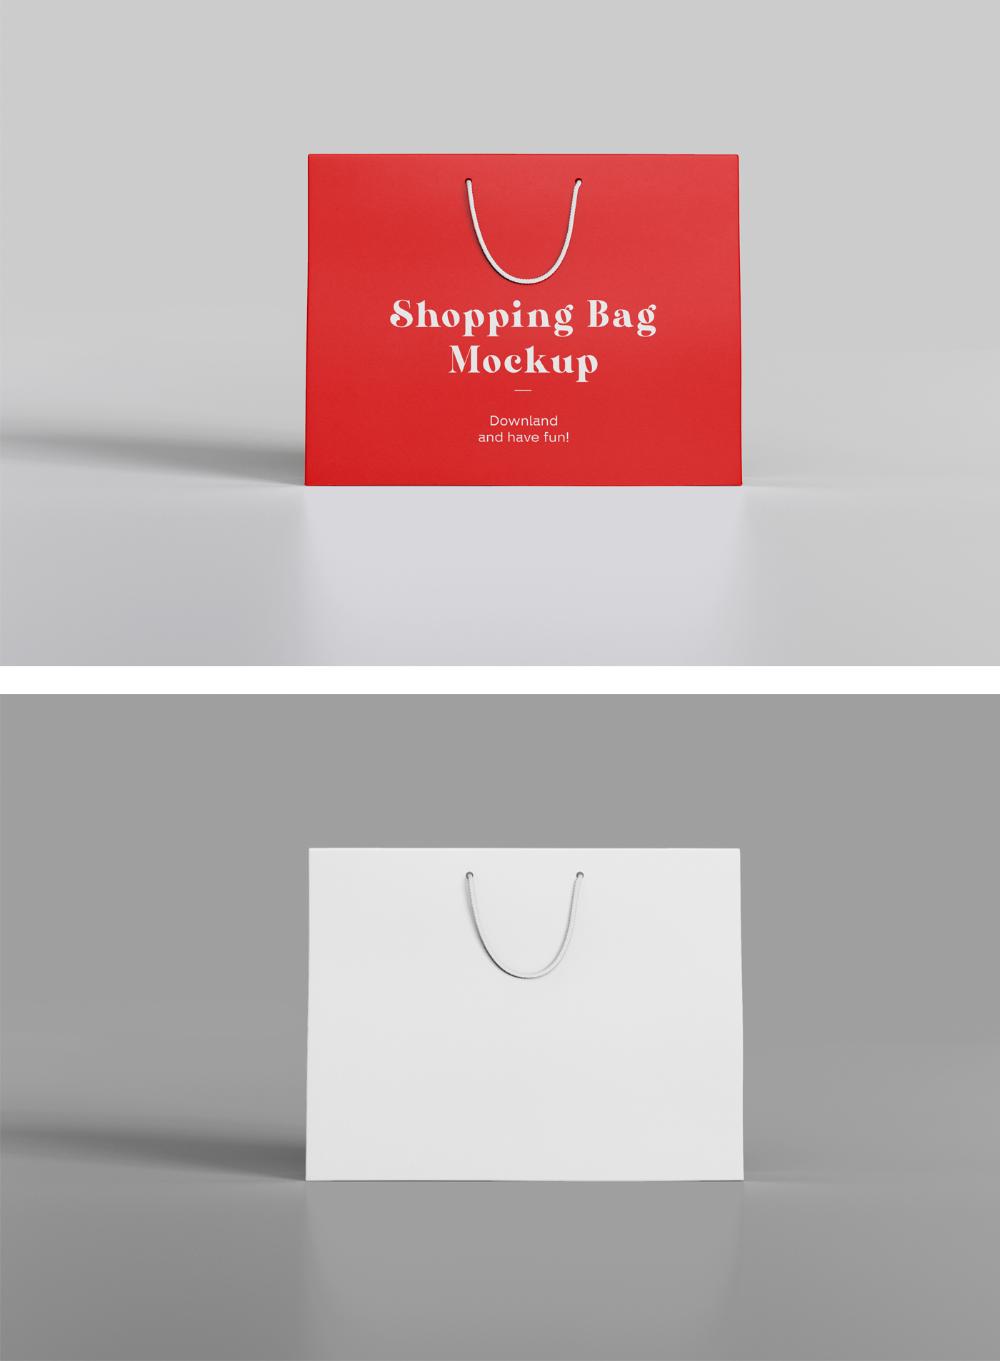 Download Front Shopping Bag Mockup Mr Mockup Graphic Design Freebies Graphic Design Freebies Design Freebie Bag Mockup